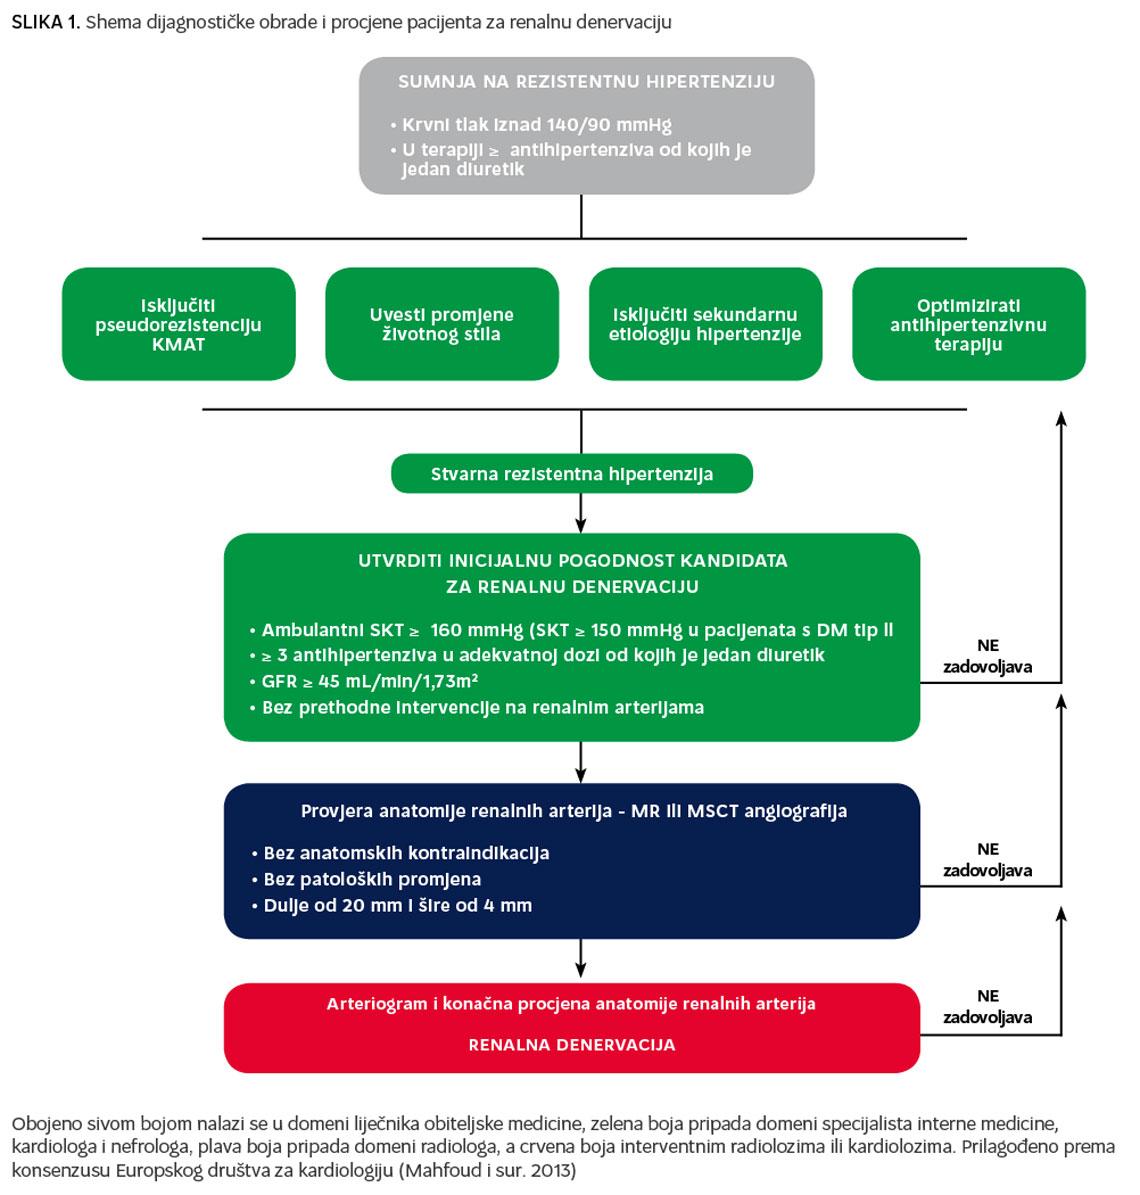 4. skupina rizika hipertenzije